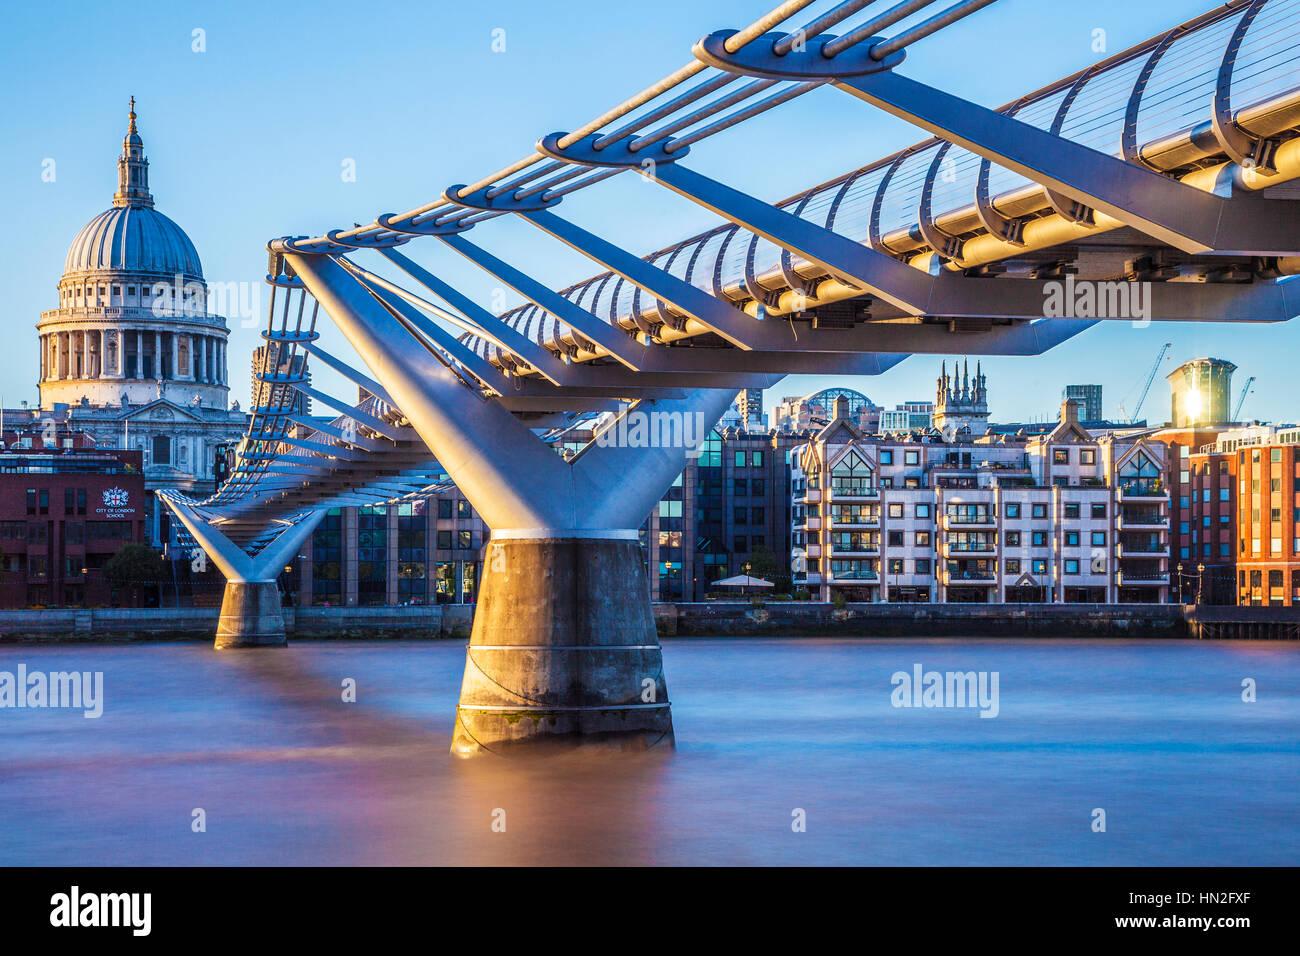 Luce della Sera cade sul Millennium Bridge e la Cattedrale di San Paolo a Londra. Immagini Stock